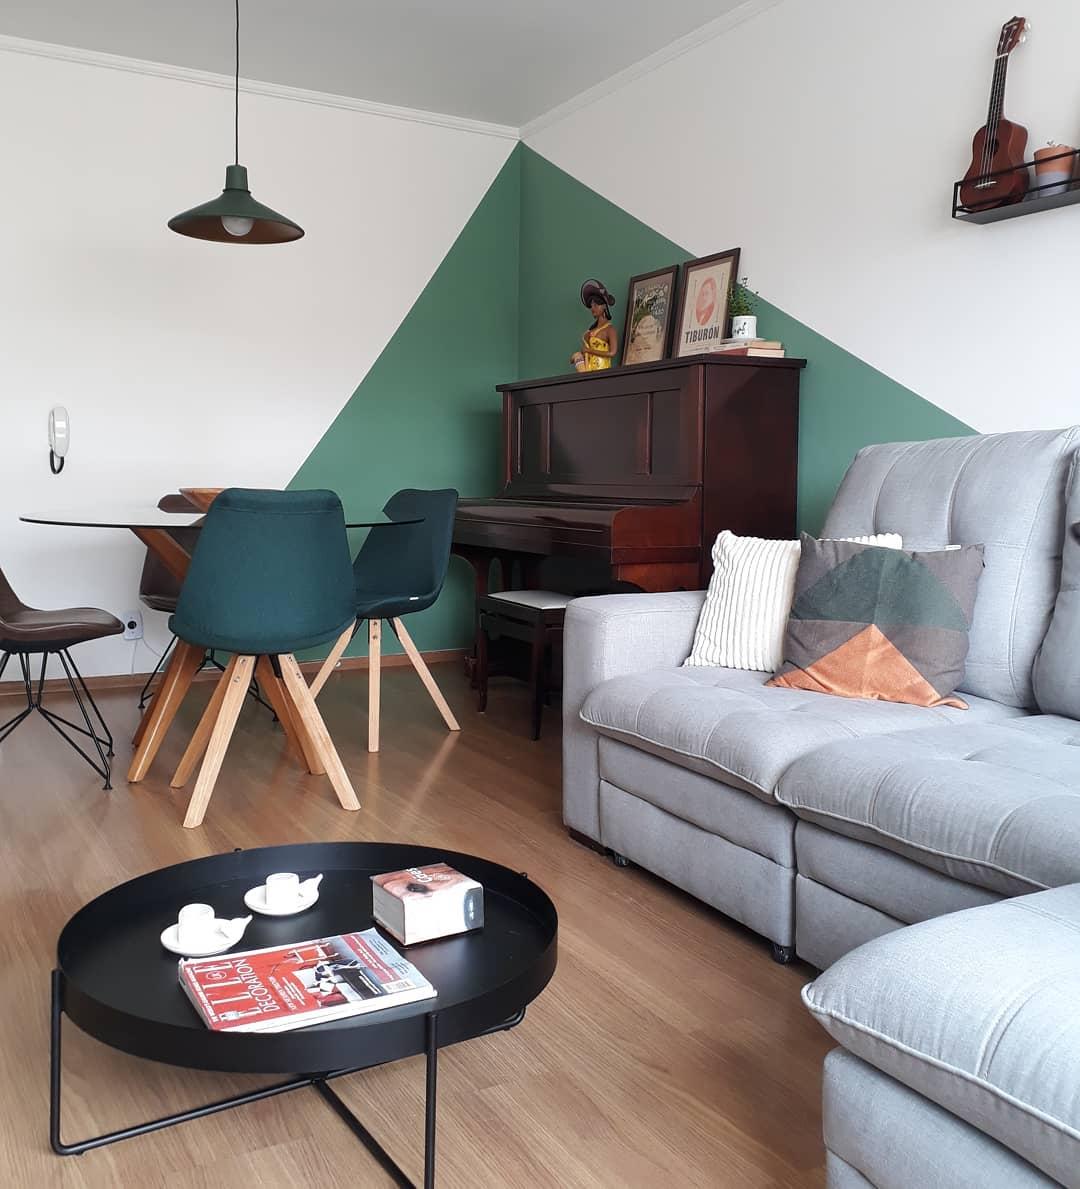 ambiente jovem e moderno com sofa cinza